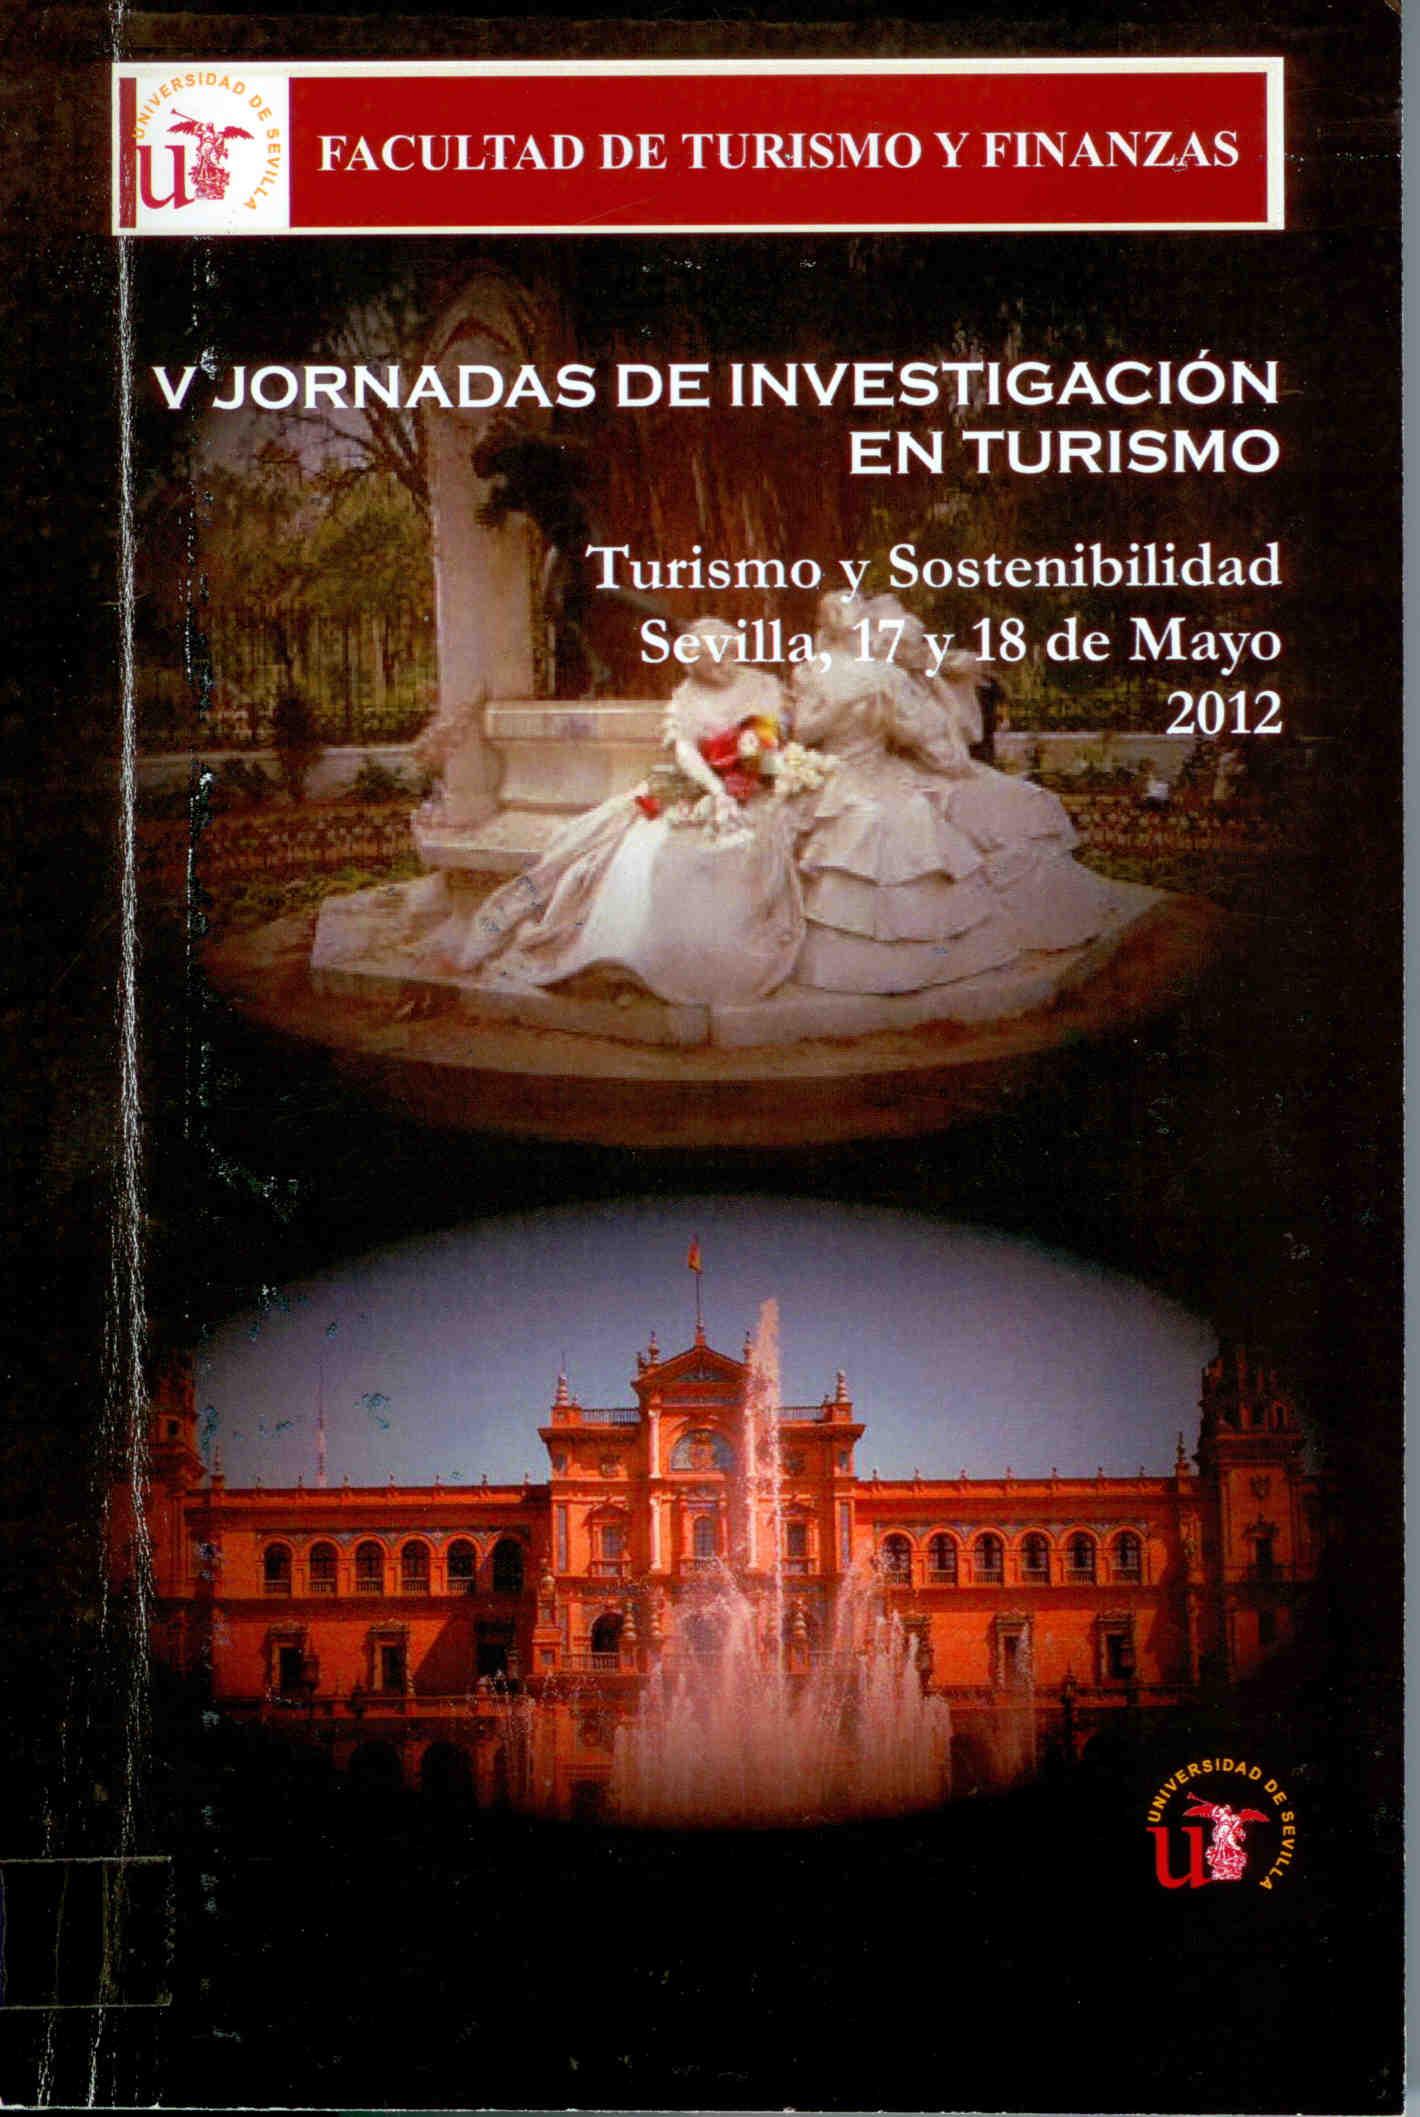 Turismo Y Sostenibilidad V Jornadas De Investigacion En